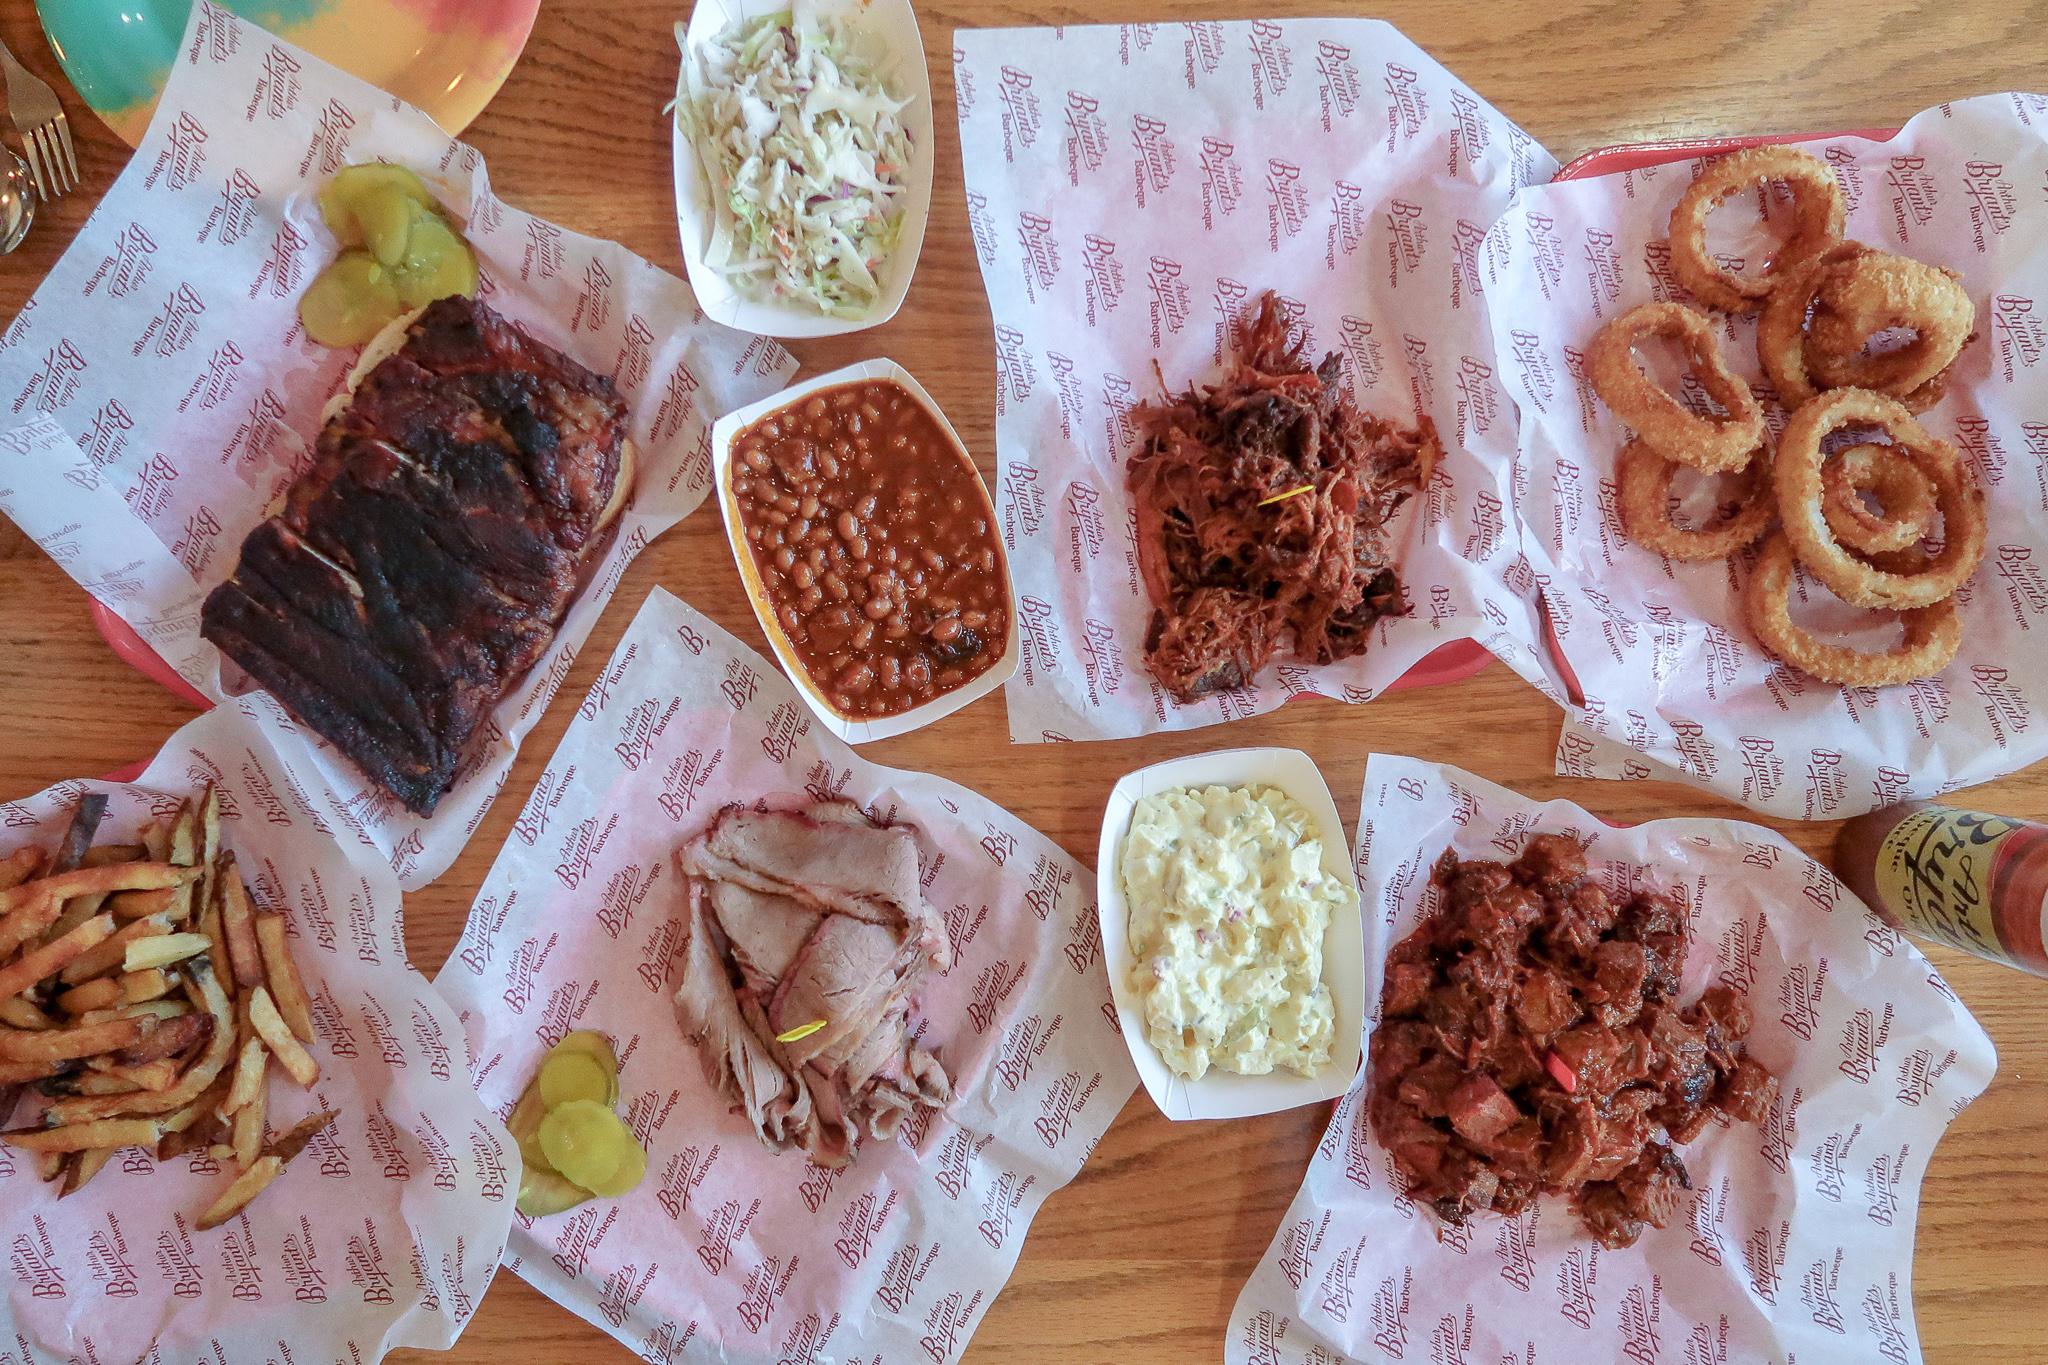 Arthur Bryants BBQ Kansas City